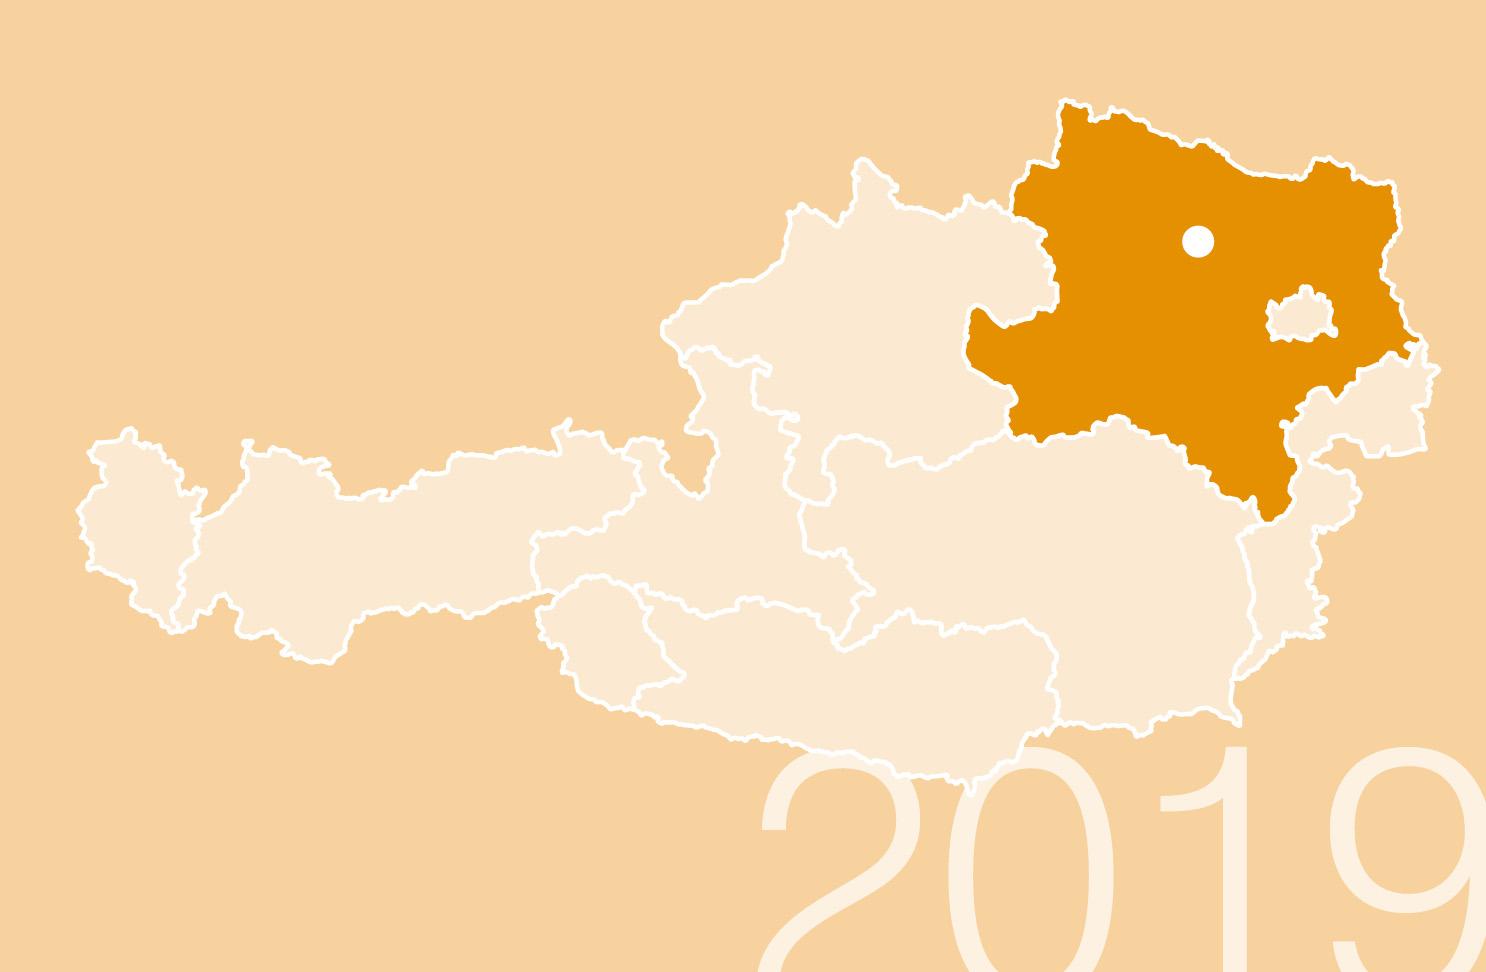 4.-6. Oktober 2019: Generalversammlung in Krems/Donau